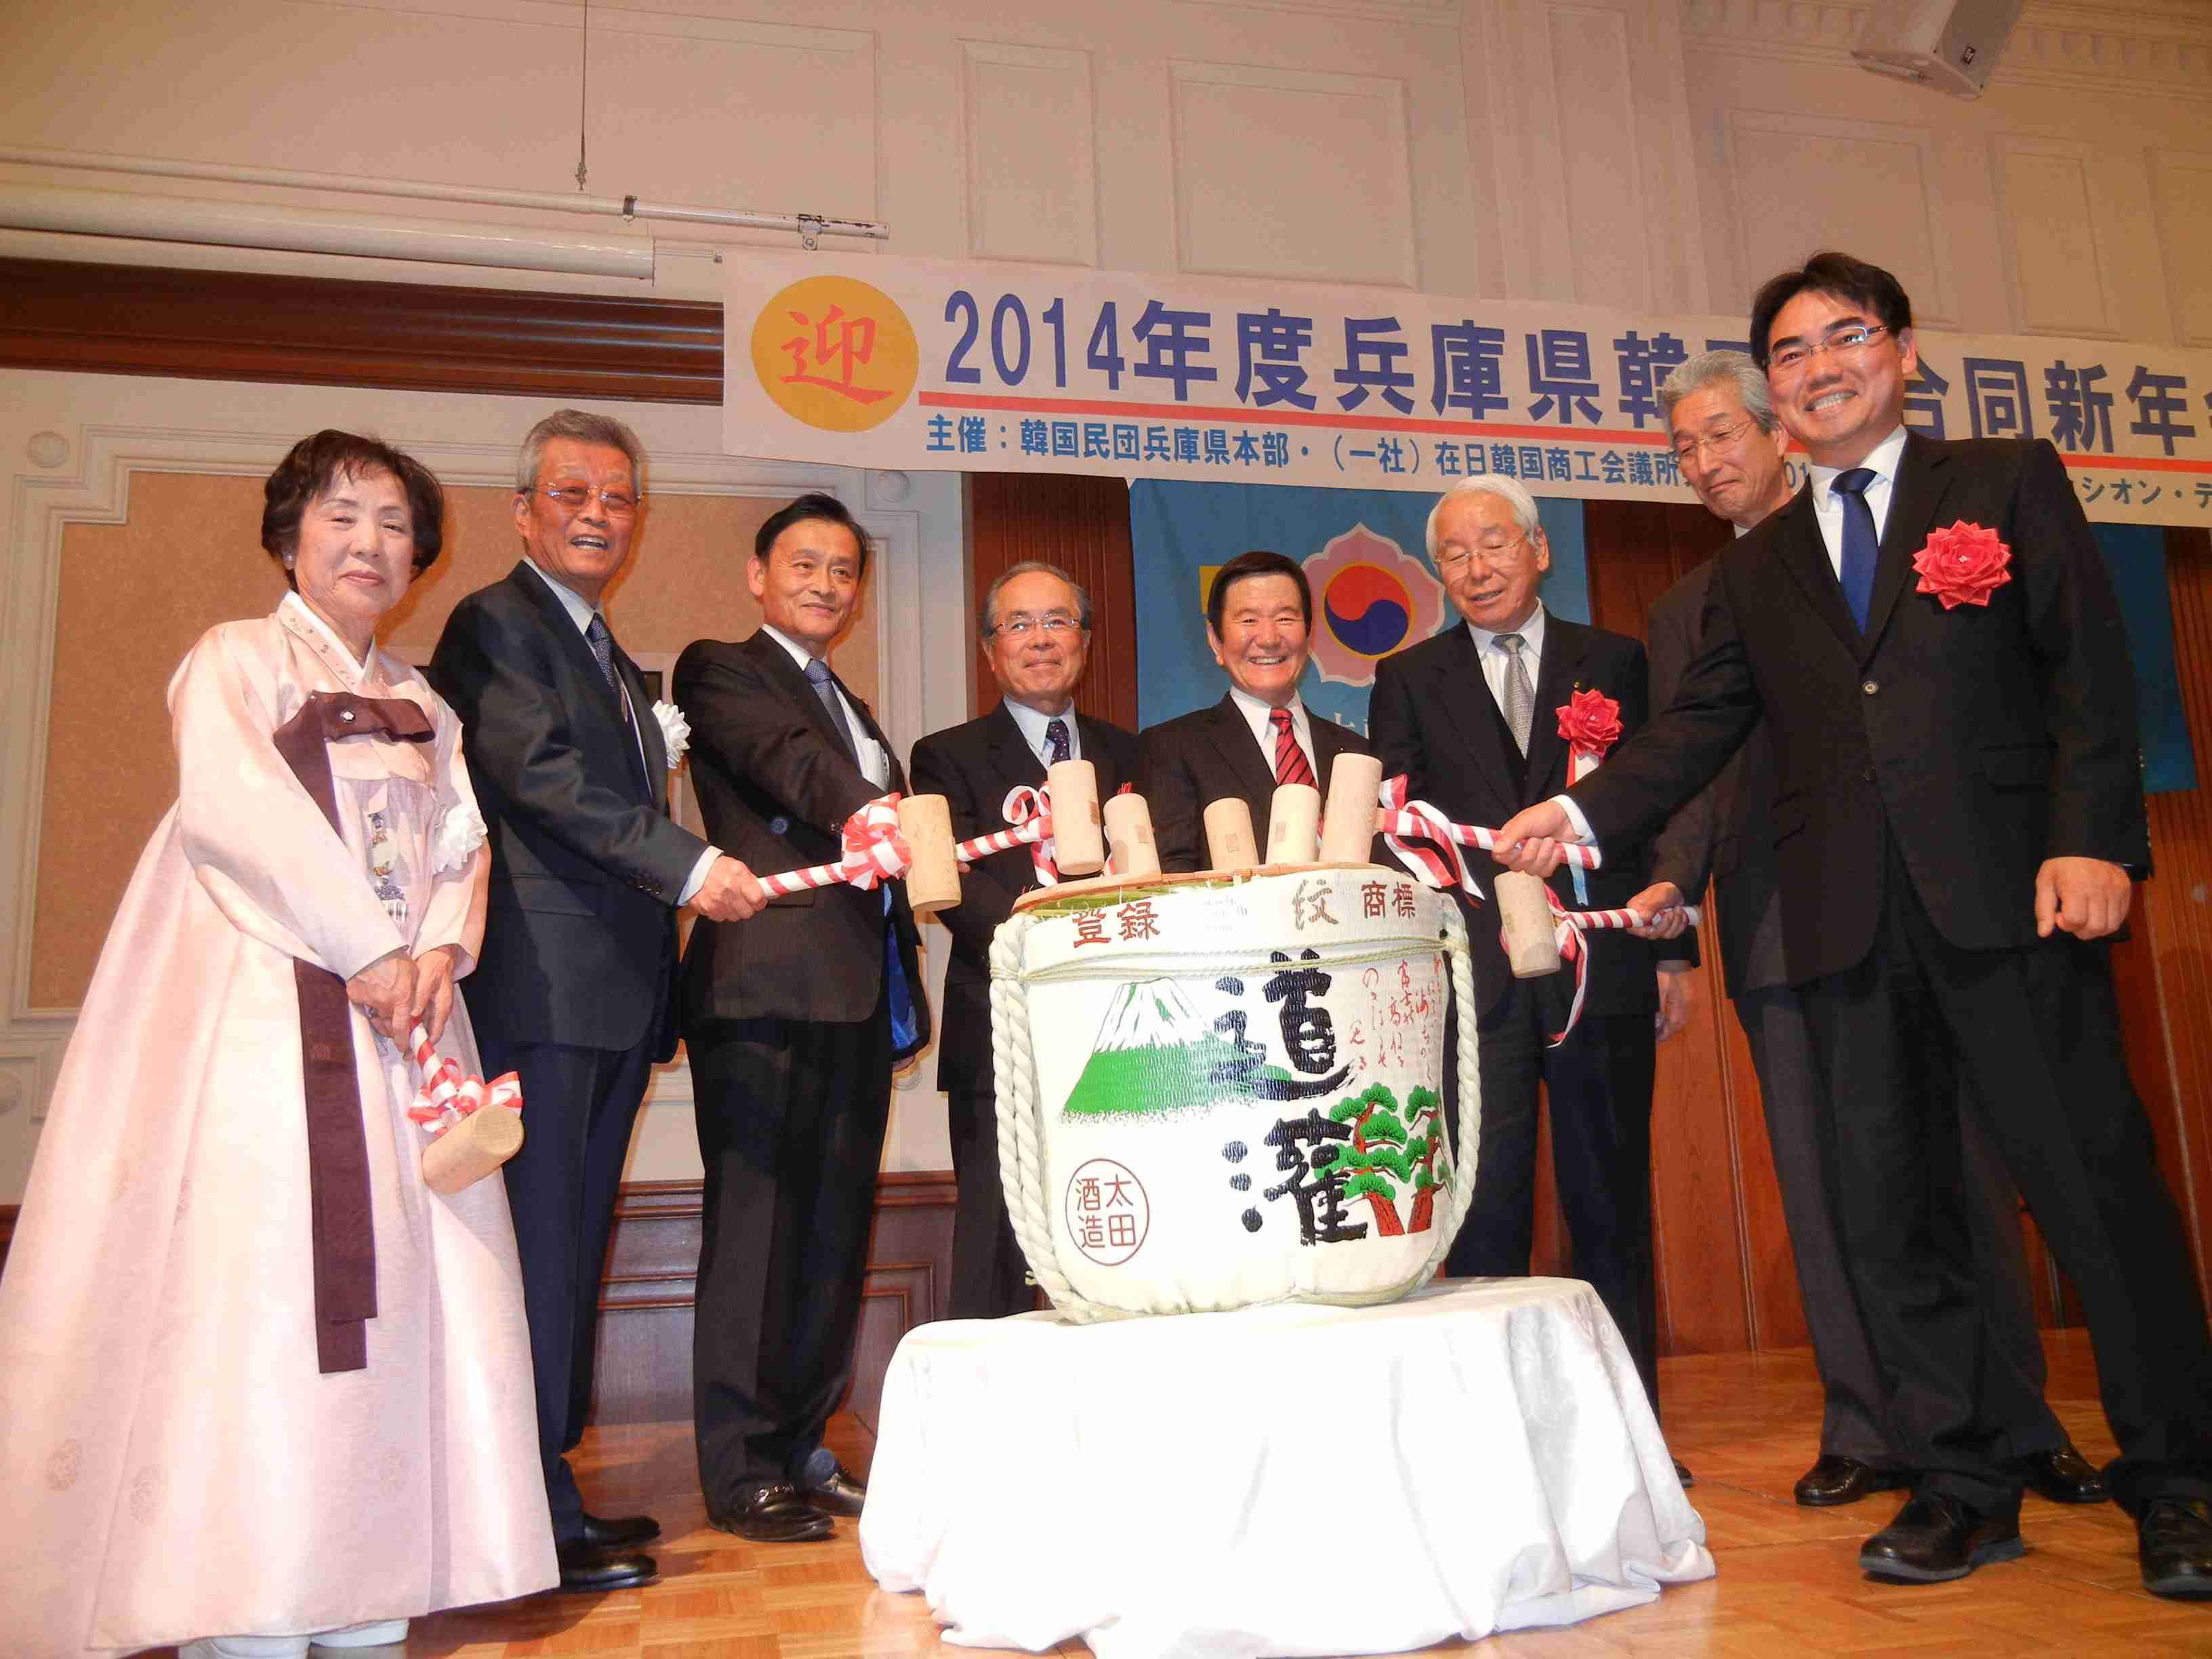 勝谷誠彦氏 兵庫県知事選挙に立候補へ 27日に正式出馬表明か